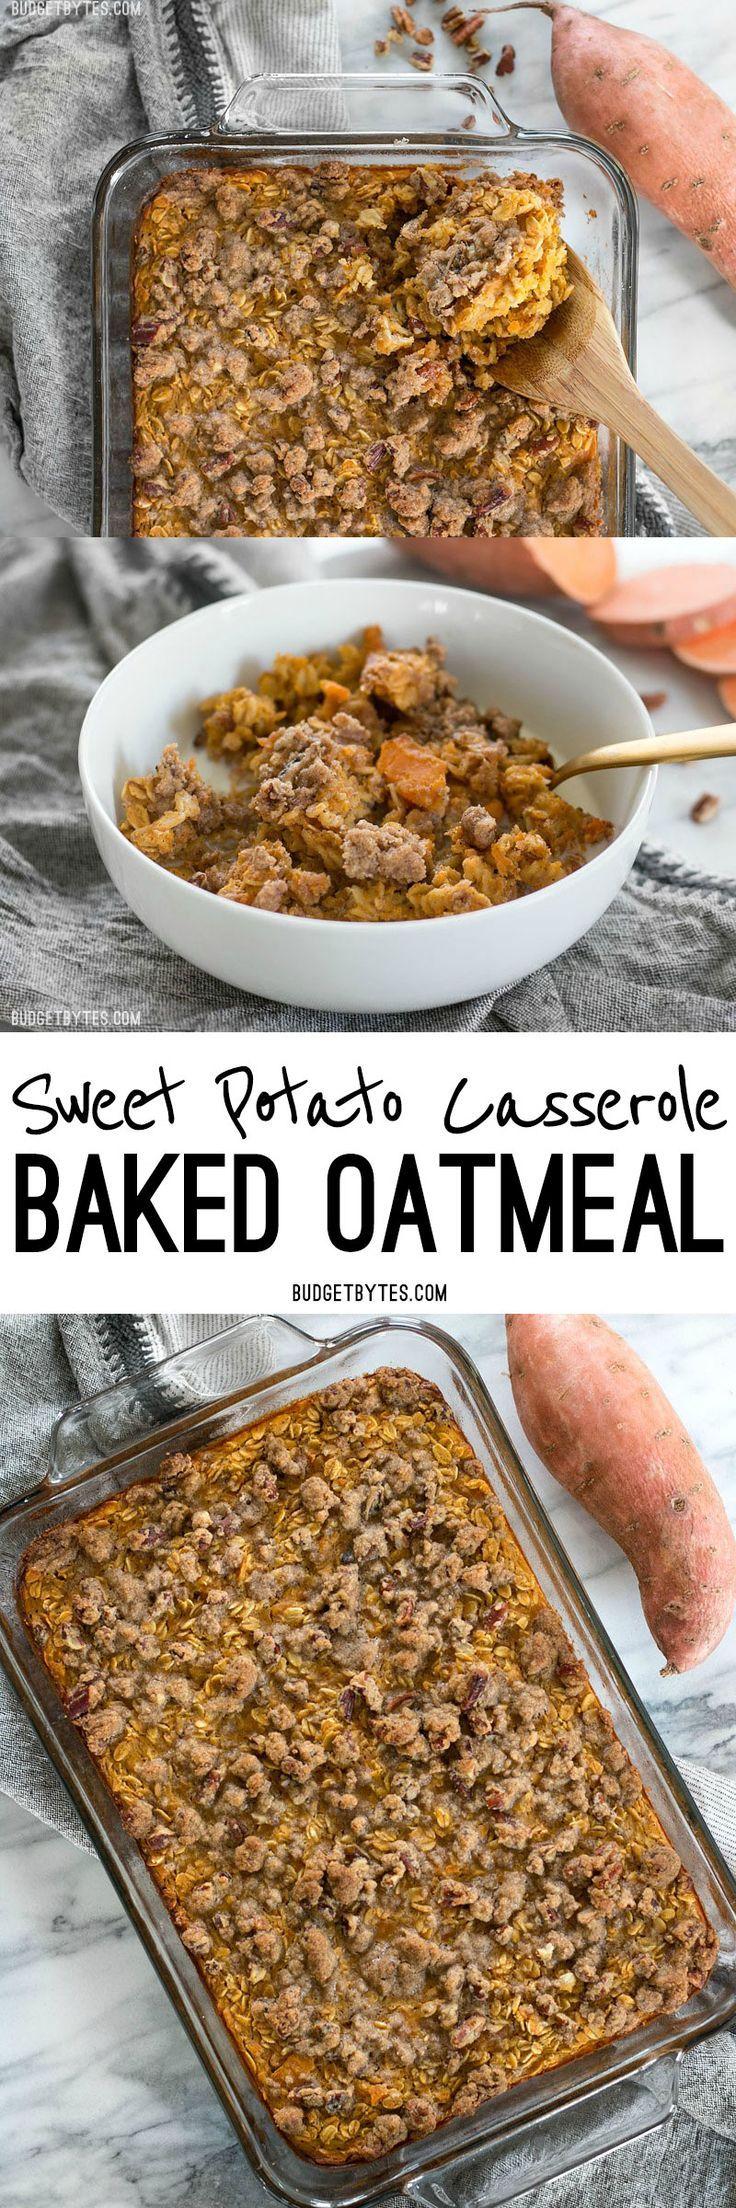 17 Best ideas about Baked Oatmeal Casserole on Pinterest ...